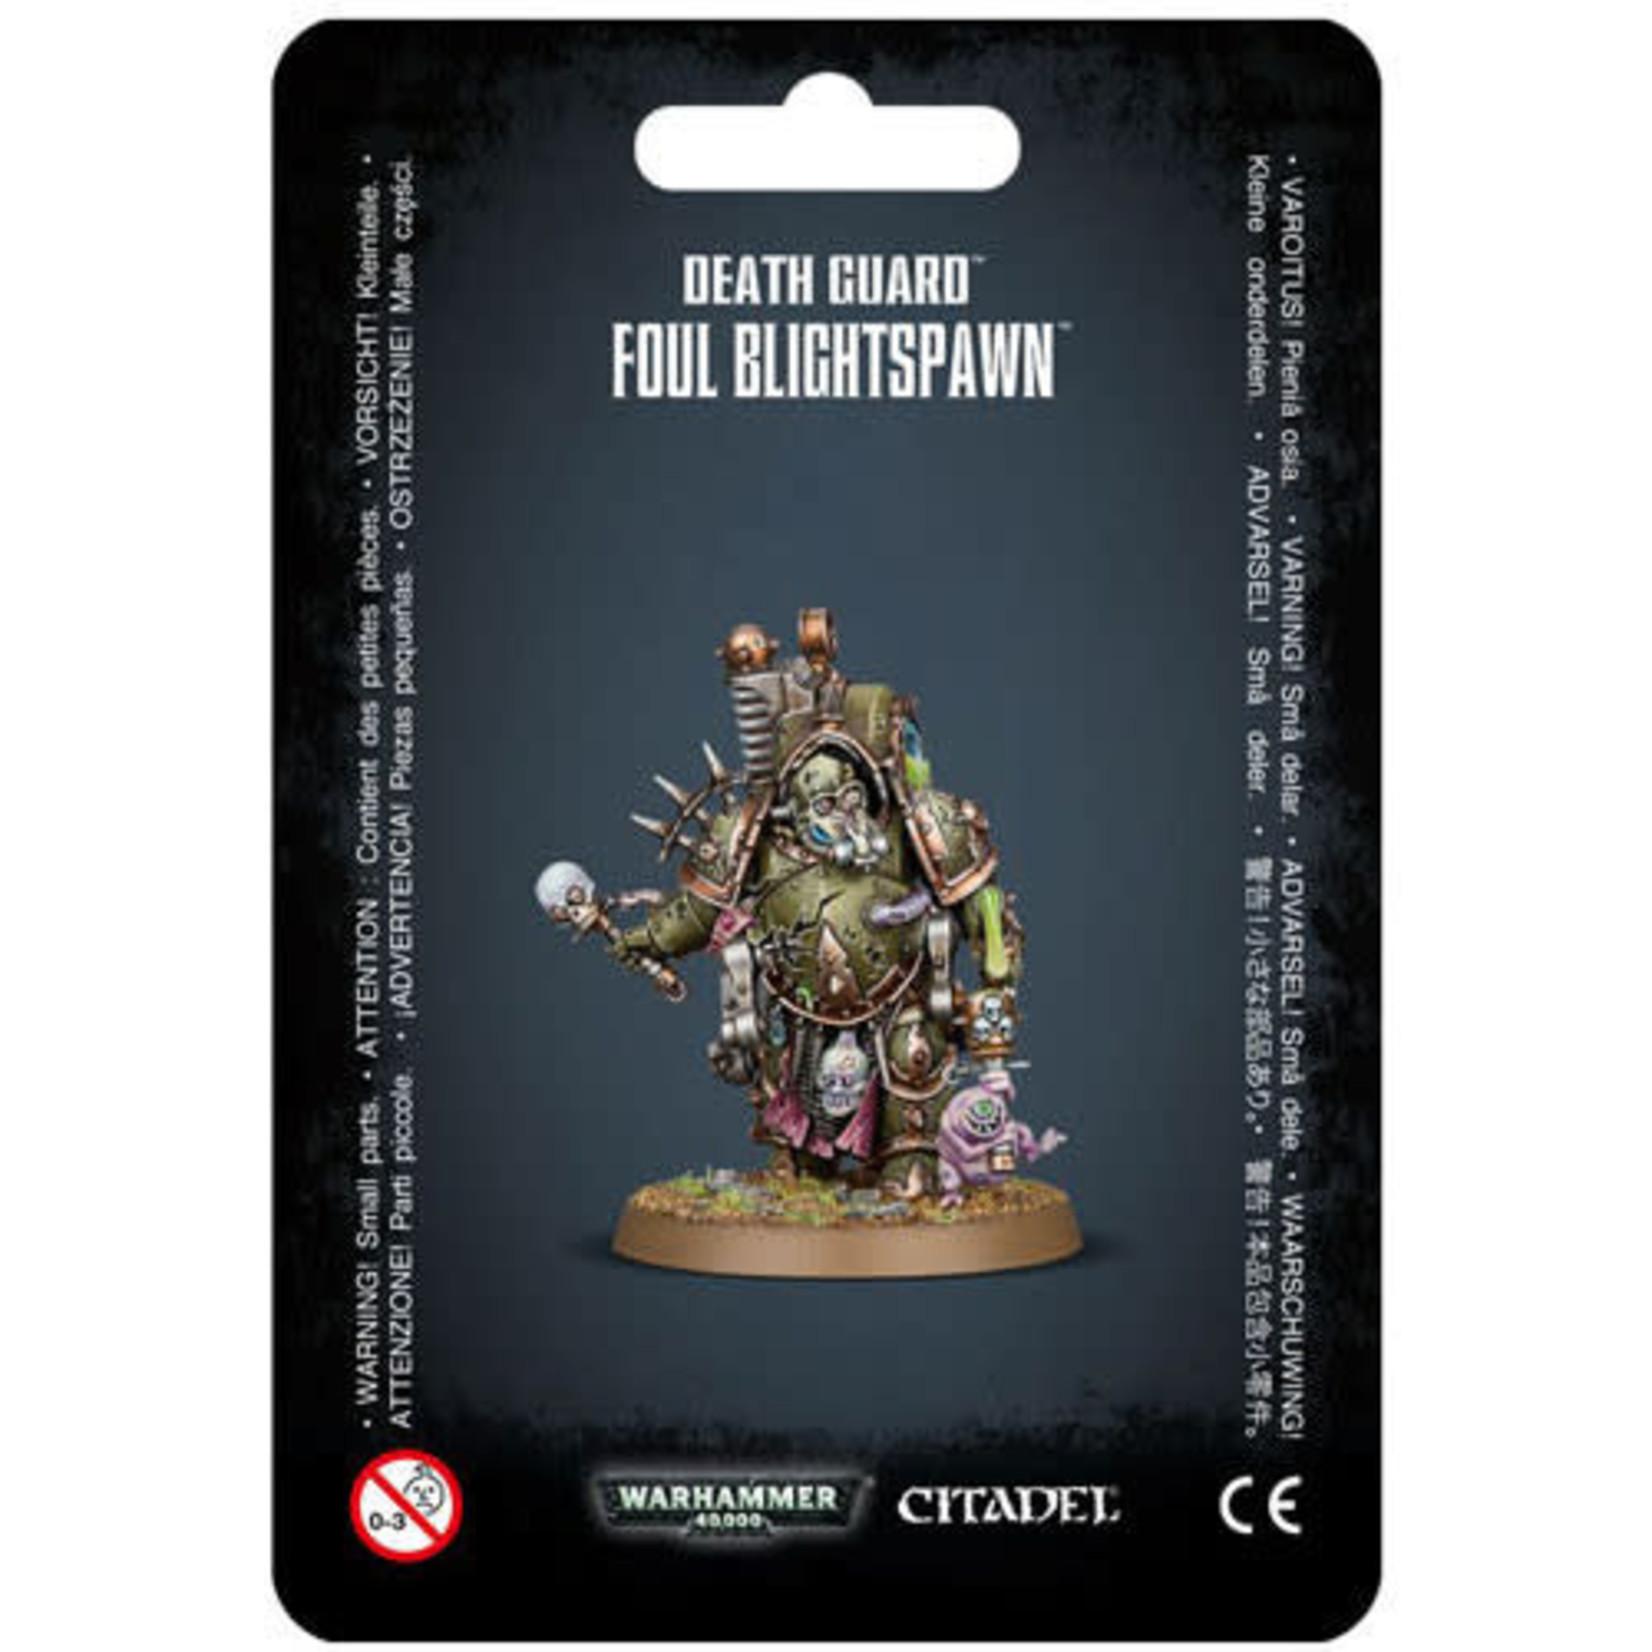 Death Guard Foul Blightspawn (40K)